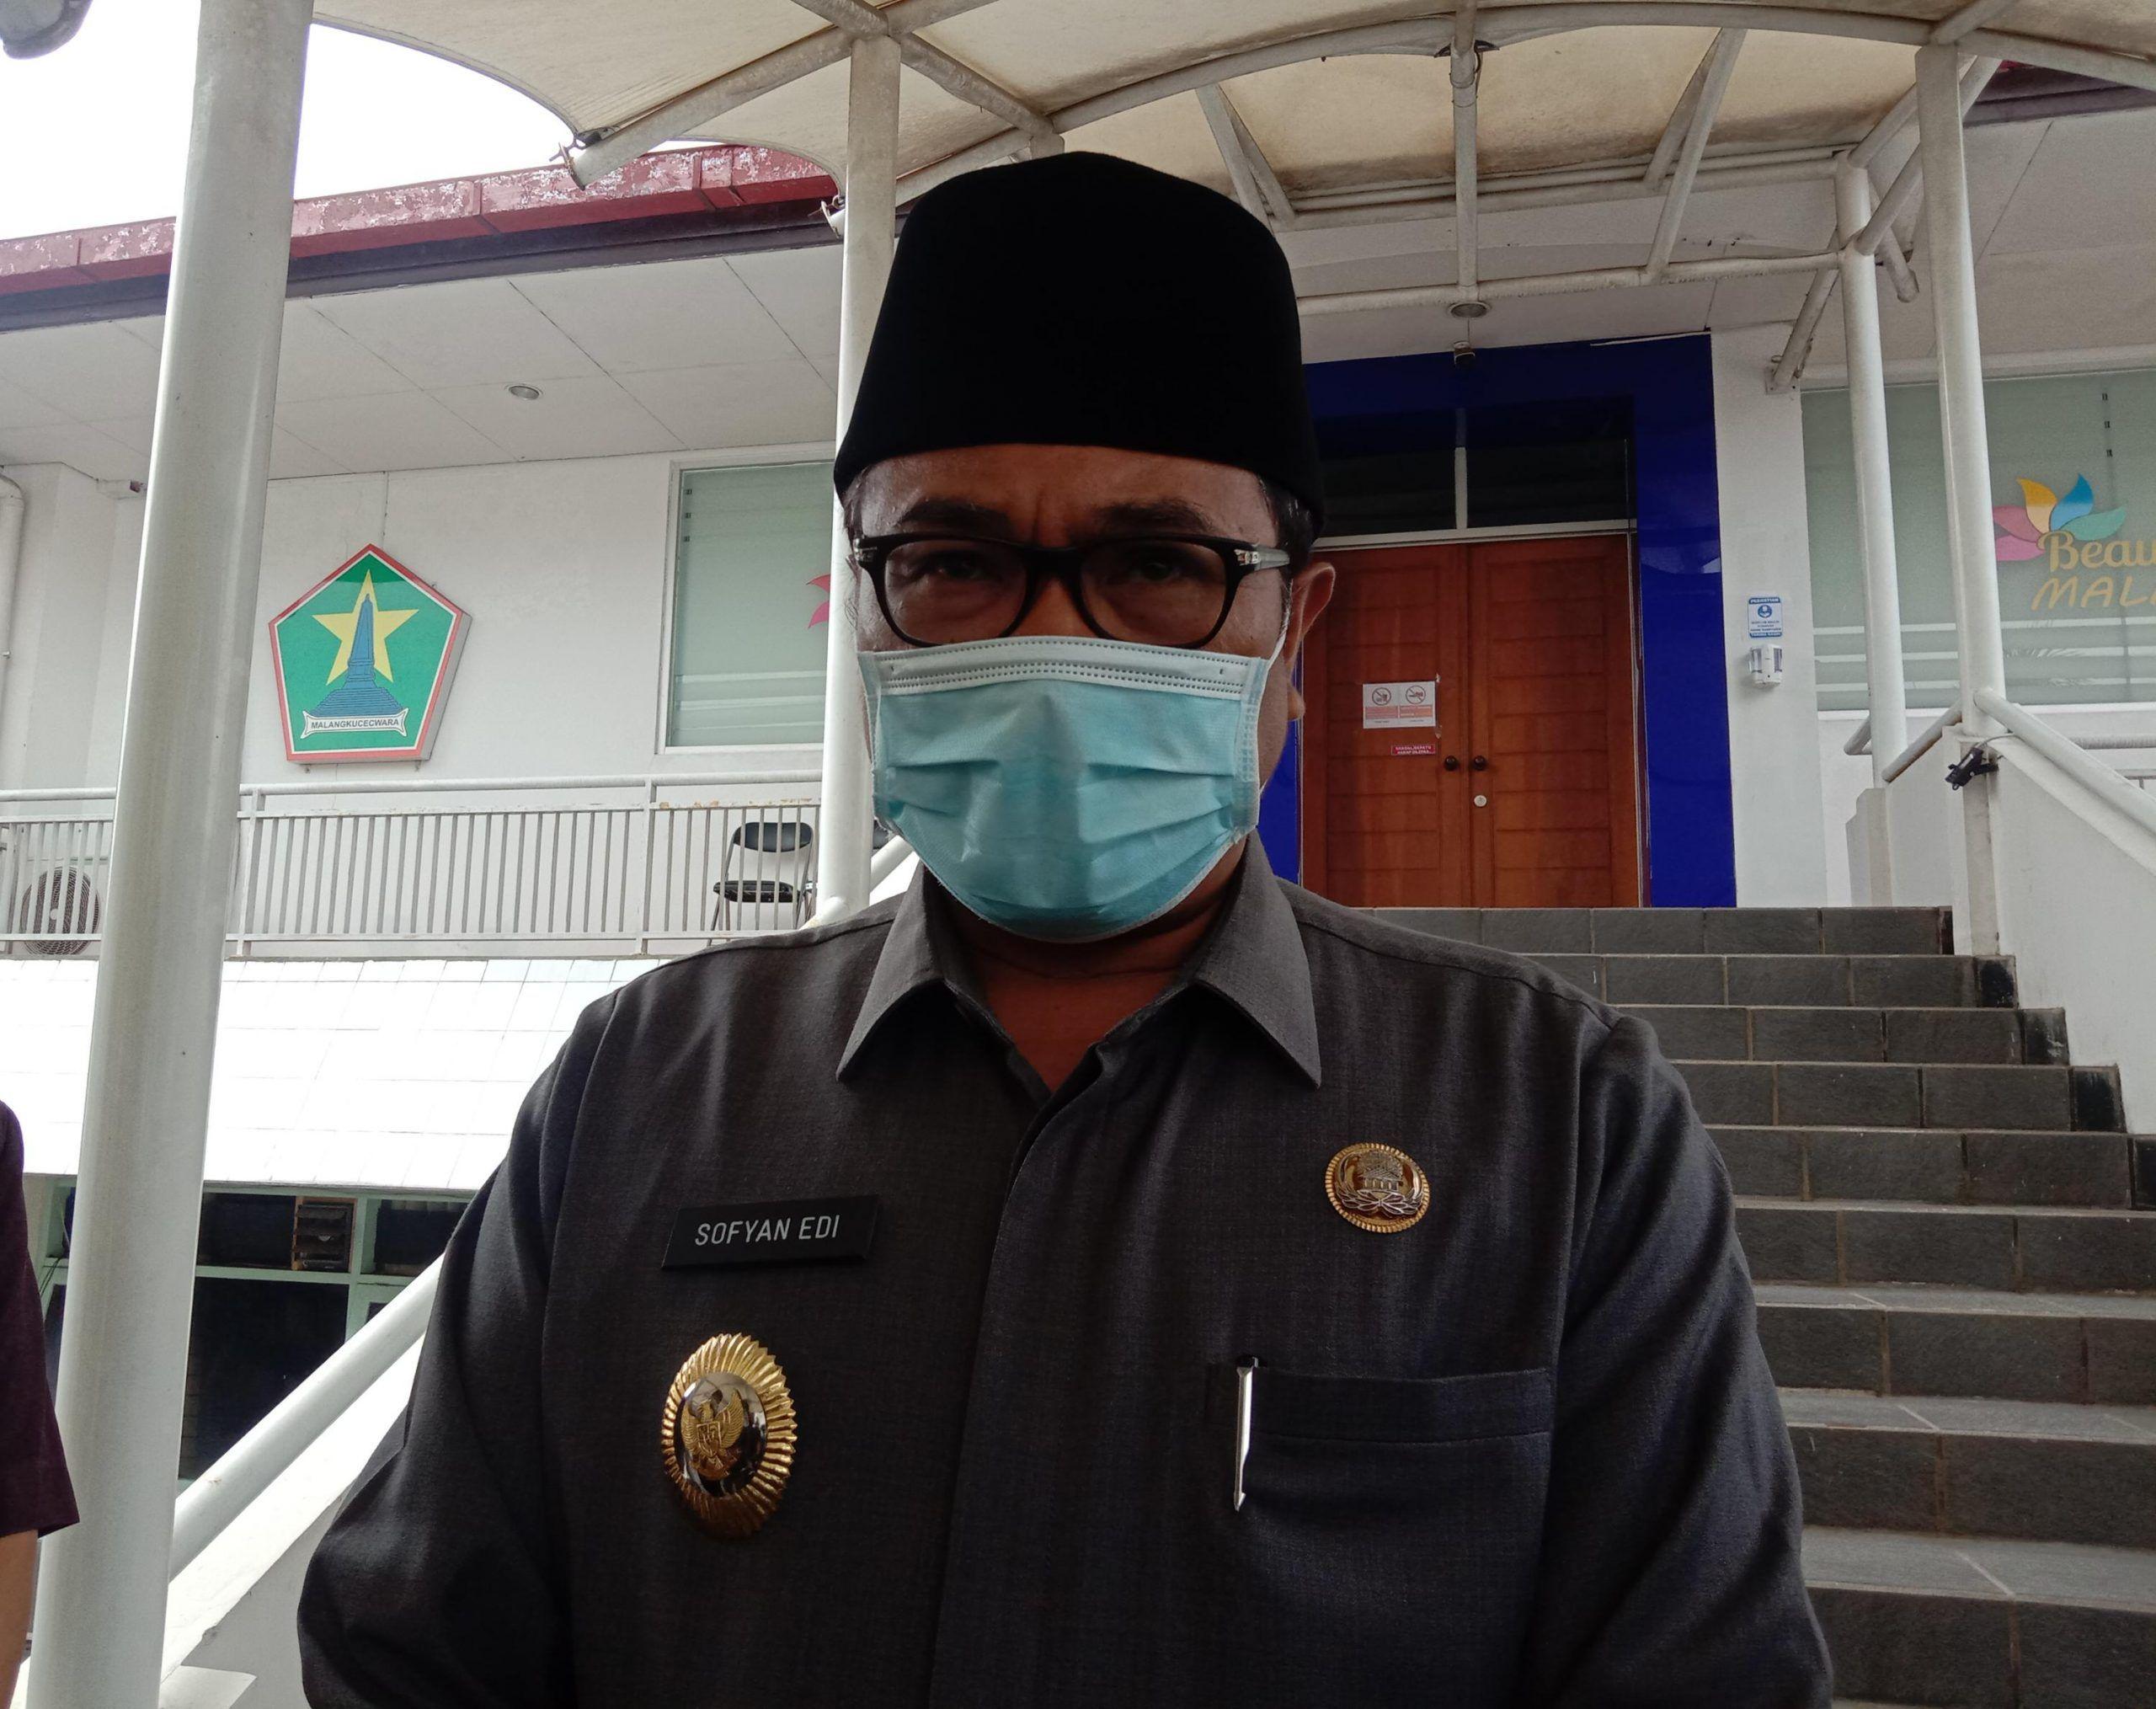 Wakil Wali Kota Malang, Sofyan Edi jarwoko. (Foto: Feni Yusnia/Tugu Malang/Tugu Jatim) vaksin covid-19 vaksinasi